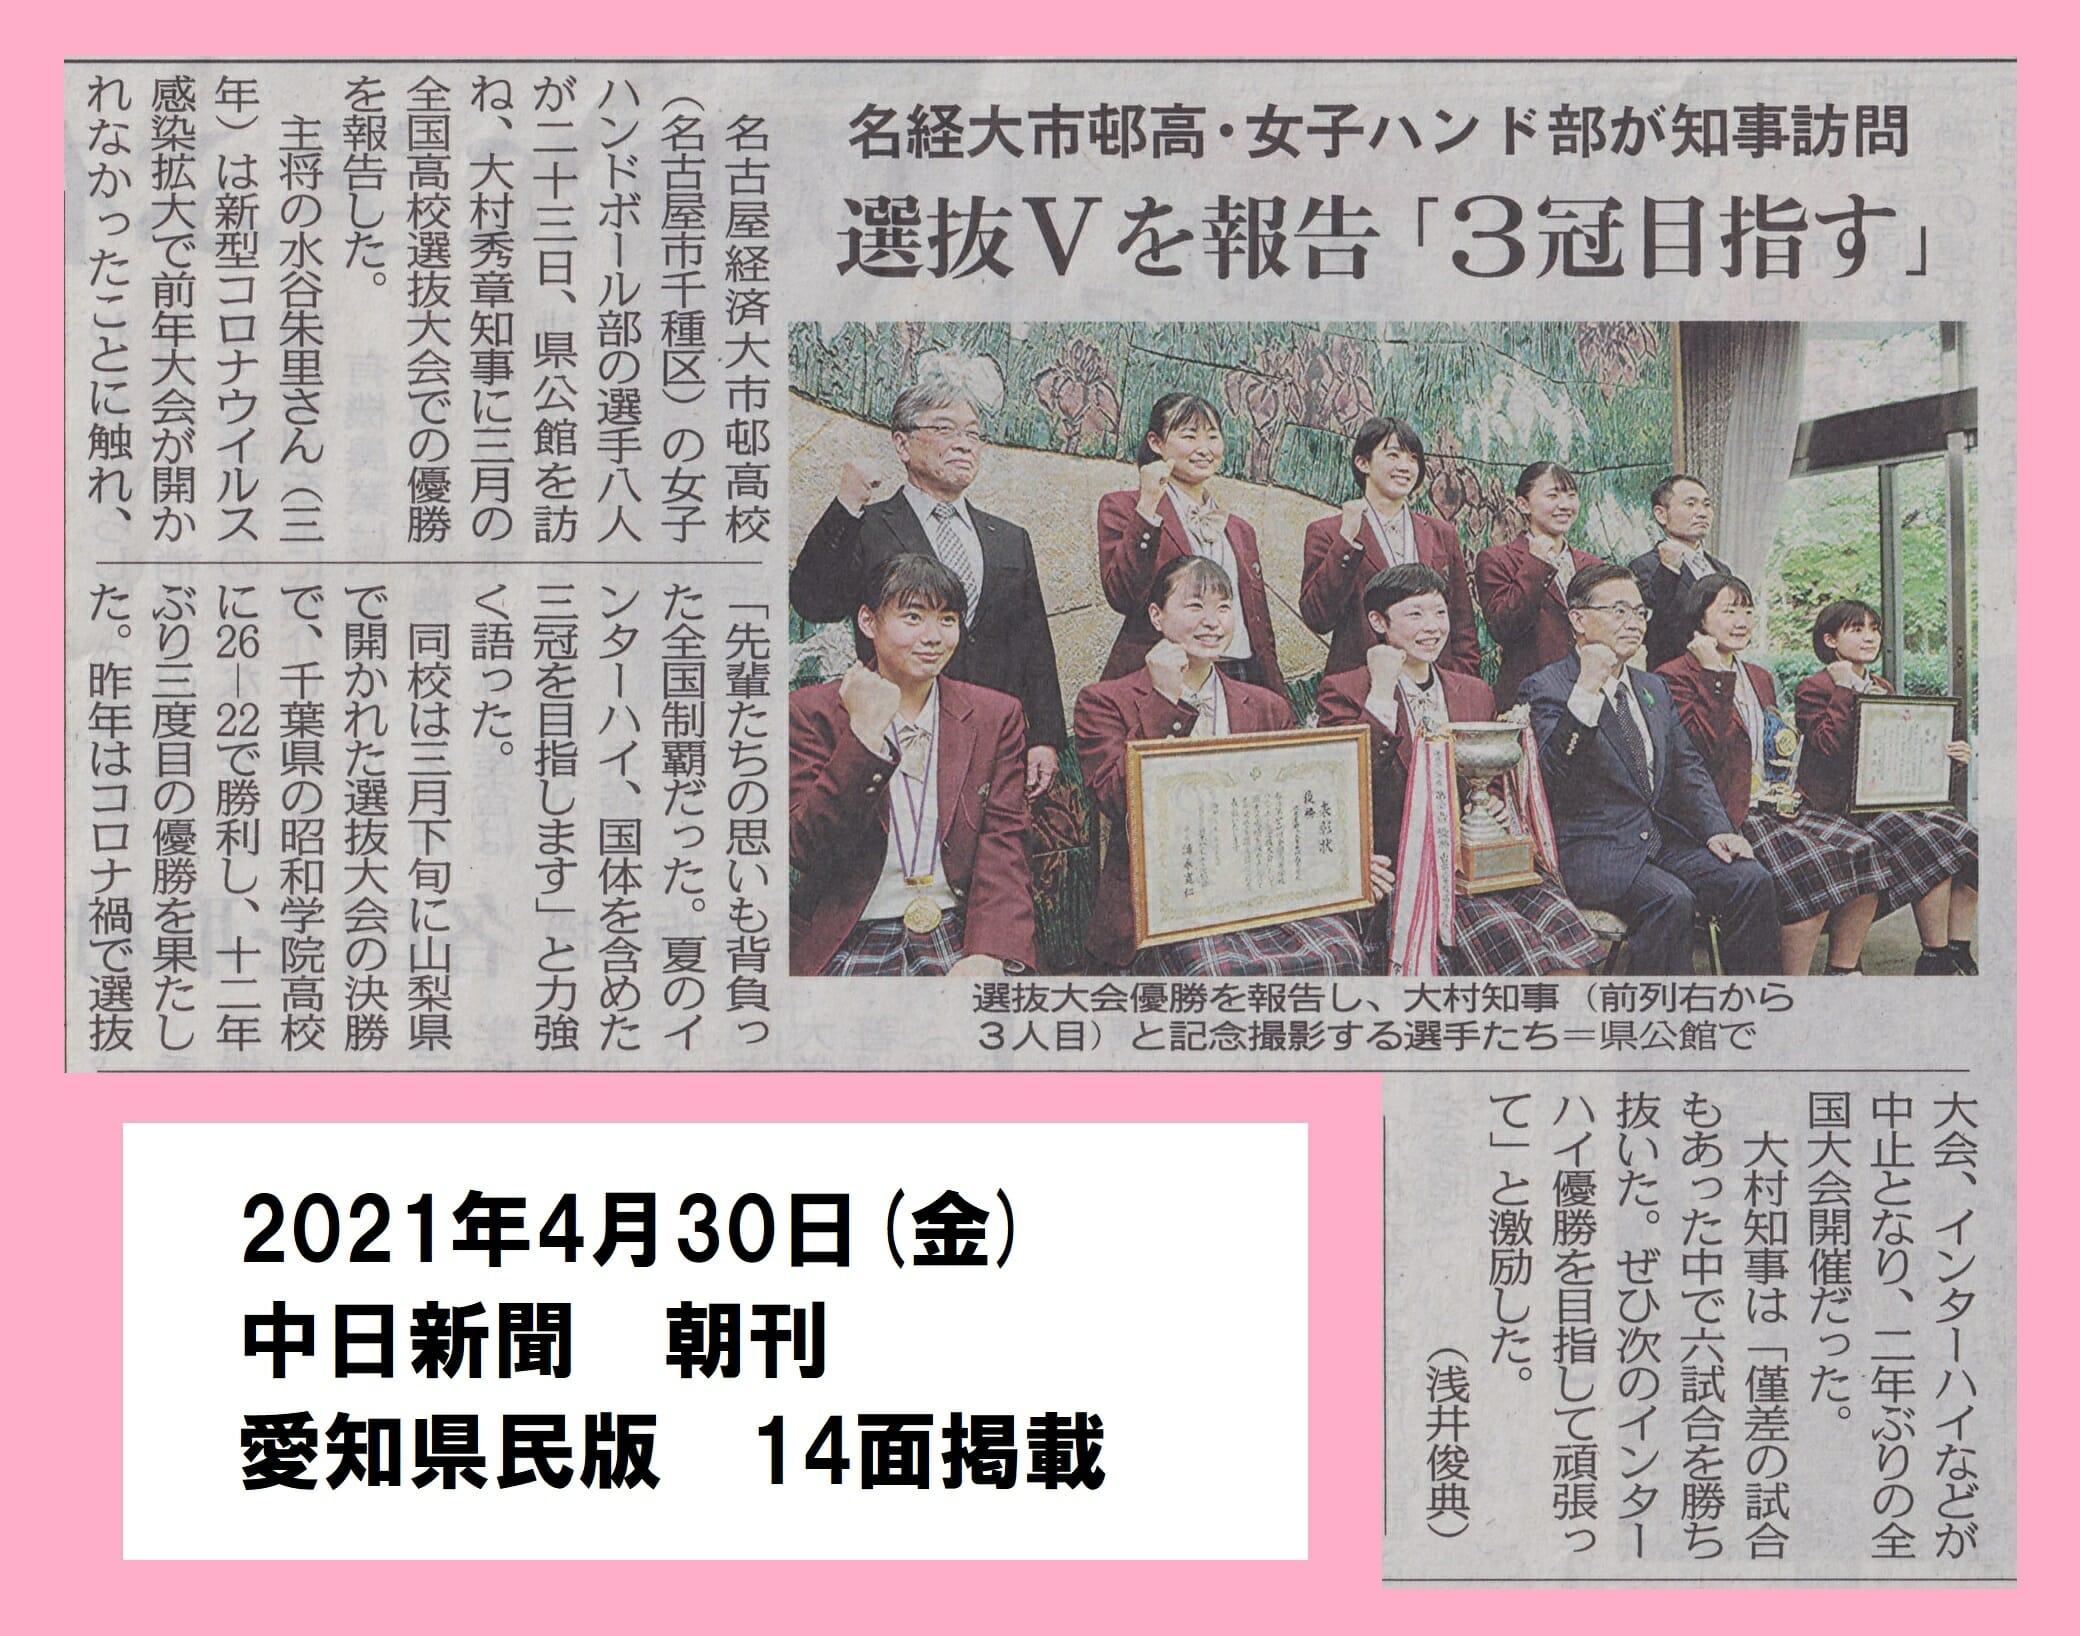 ハンド部  表敬訪問  中日新聞に掲載